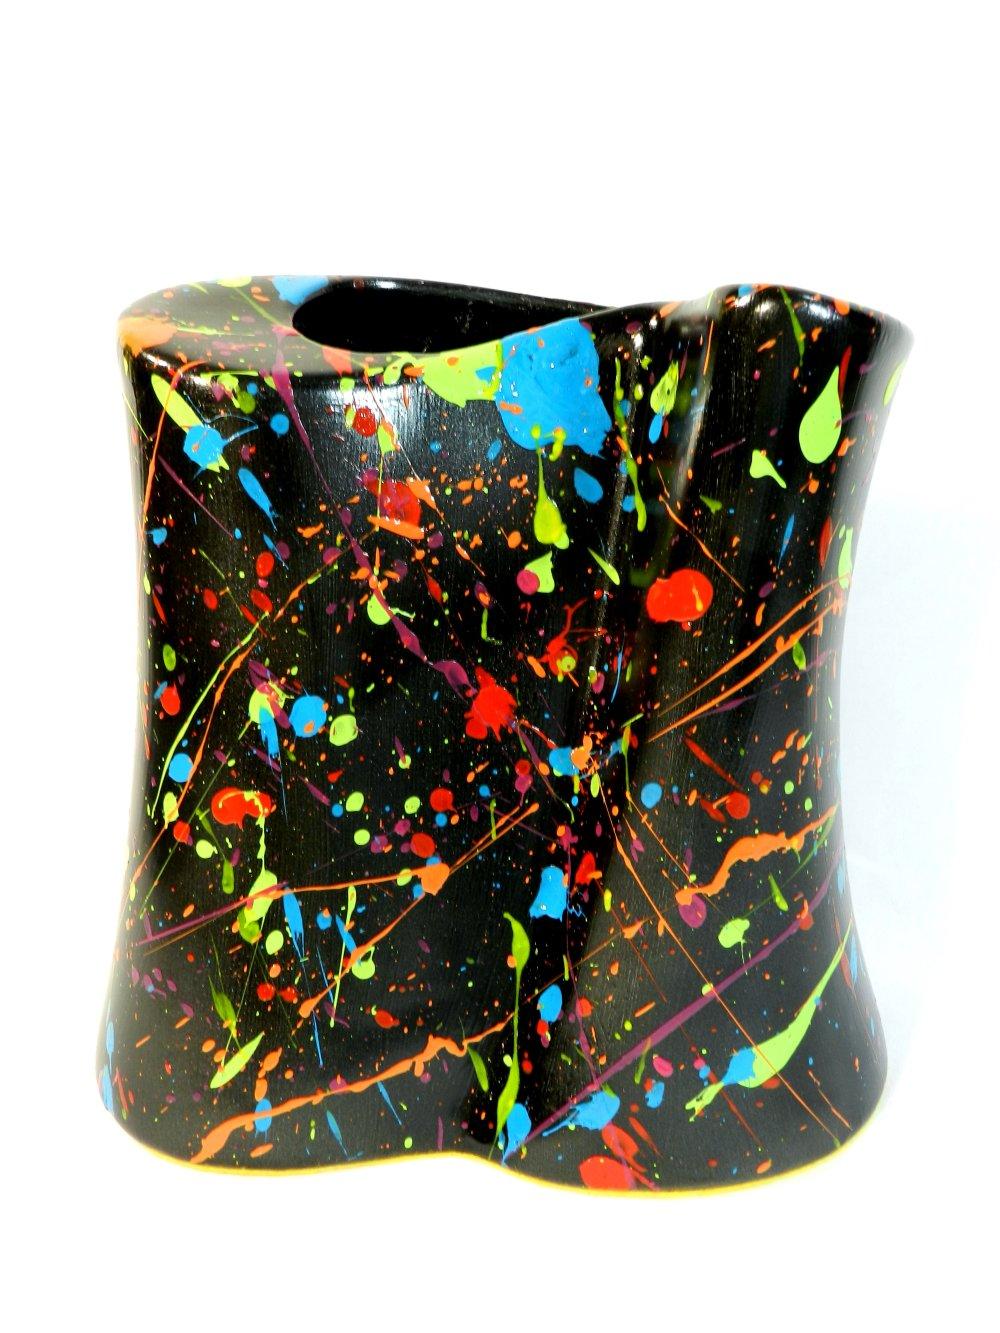 """Grand vase """" Mille éclats """", forme design en céramique, noir, multicolore, modèle unique, peint à la main"""